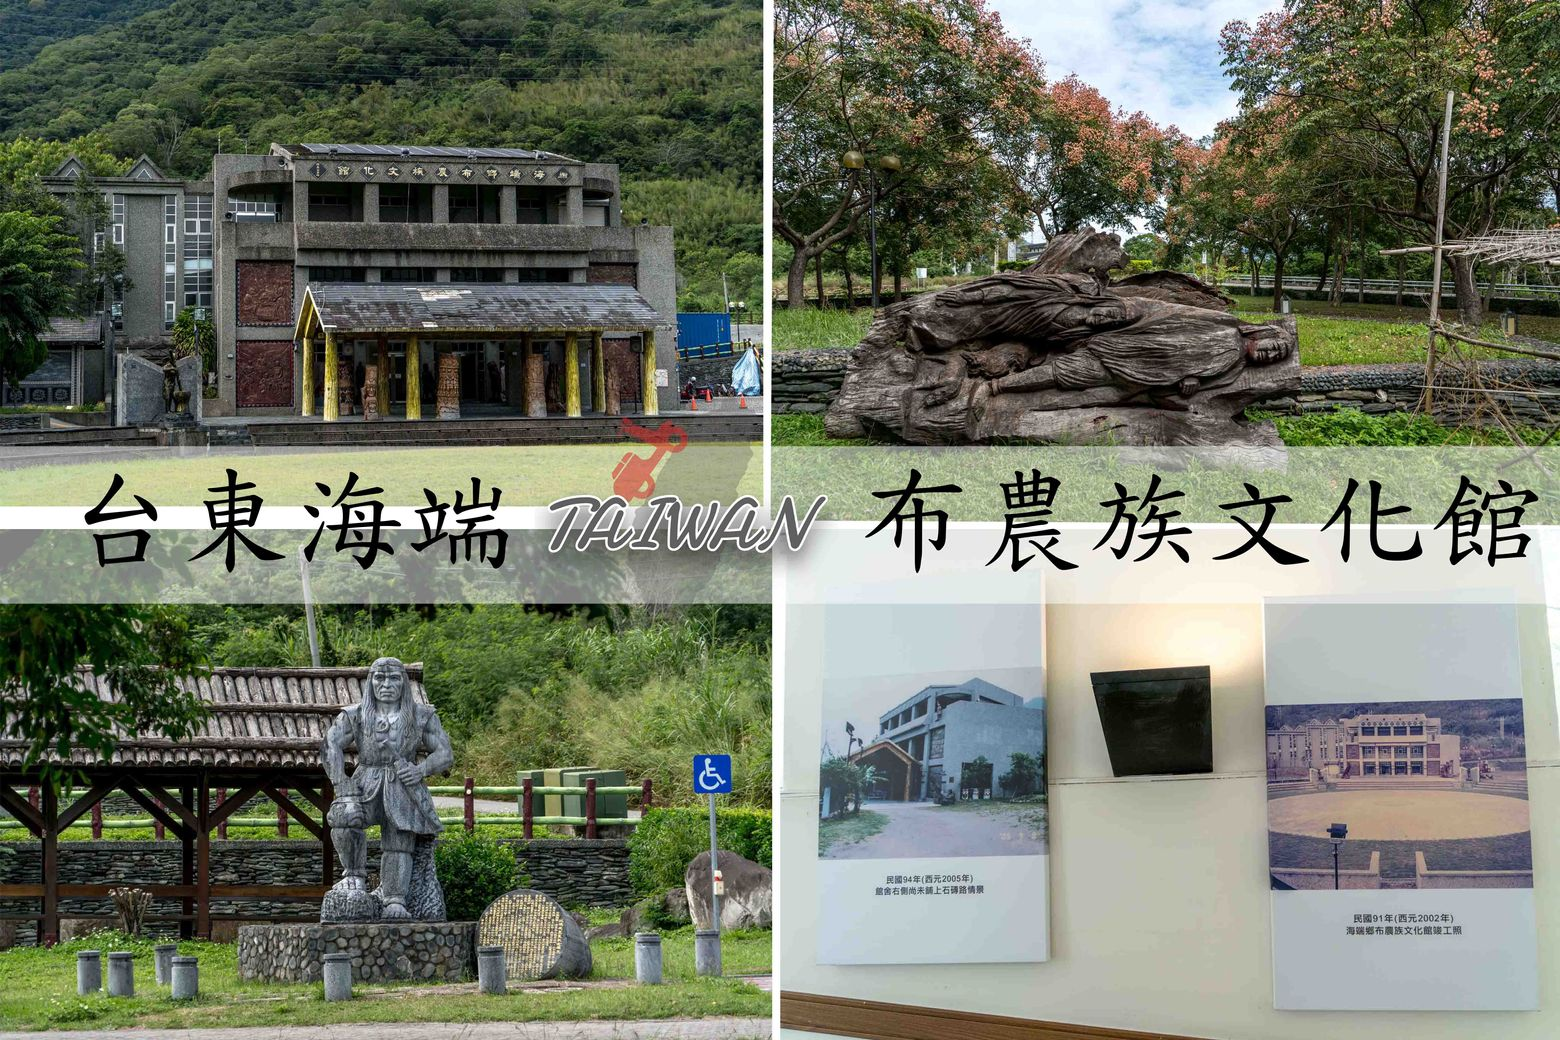 『台東海端鄉』見證傳統原住民歷史的景點,連總統也讚賞|布農族文化館,好逛又具有教育意義